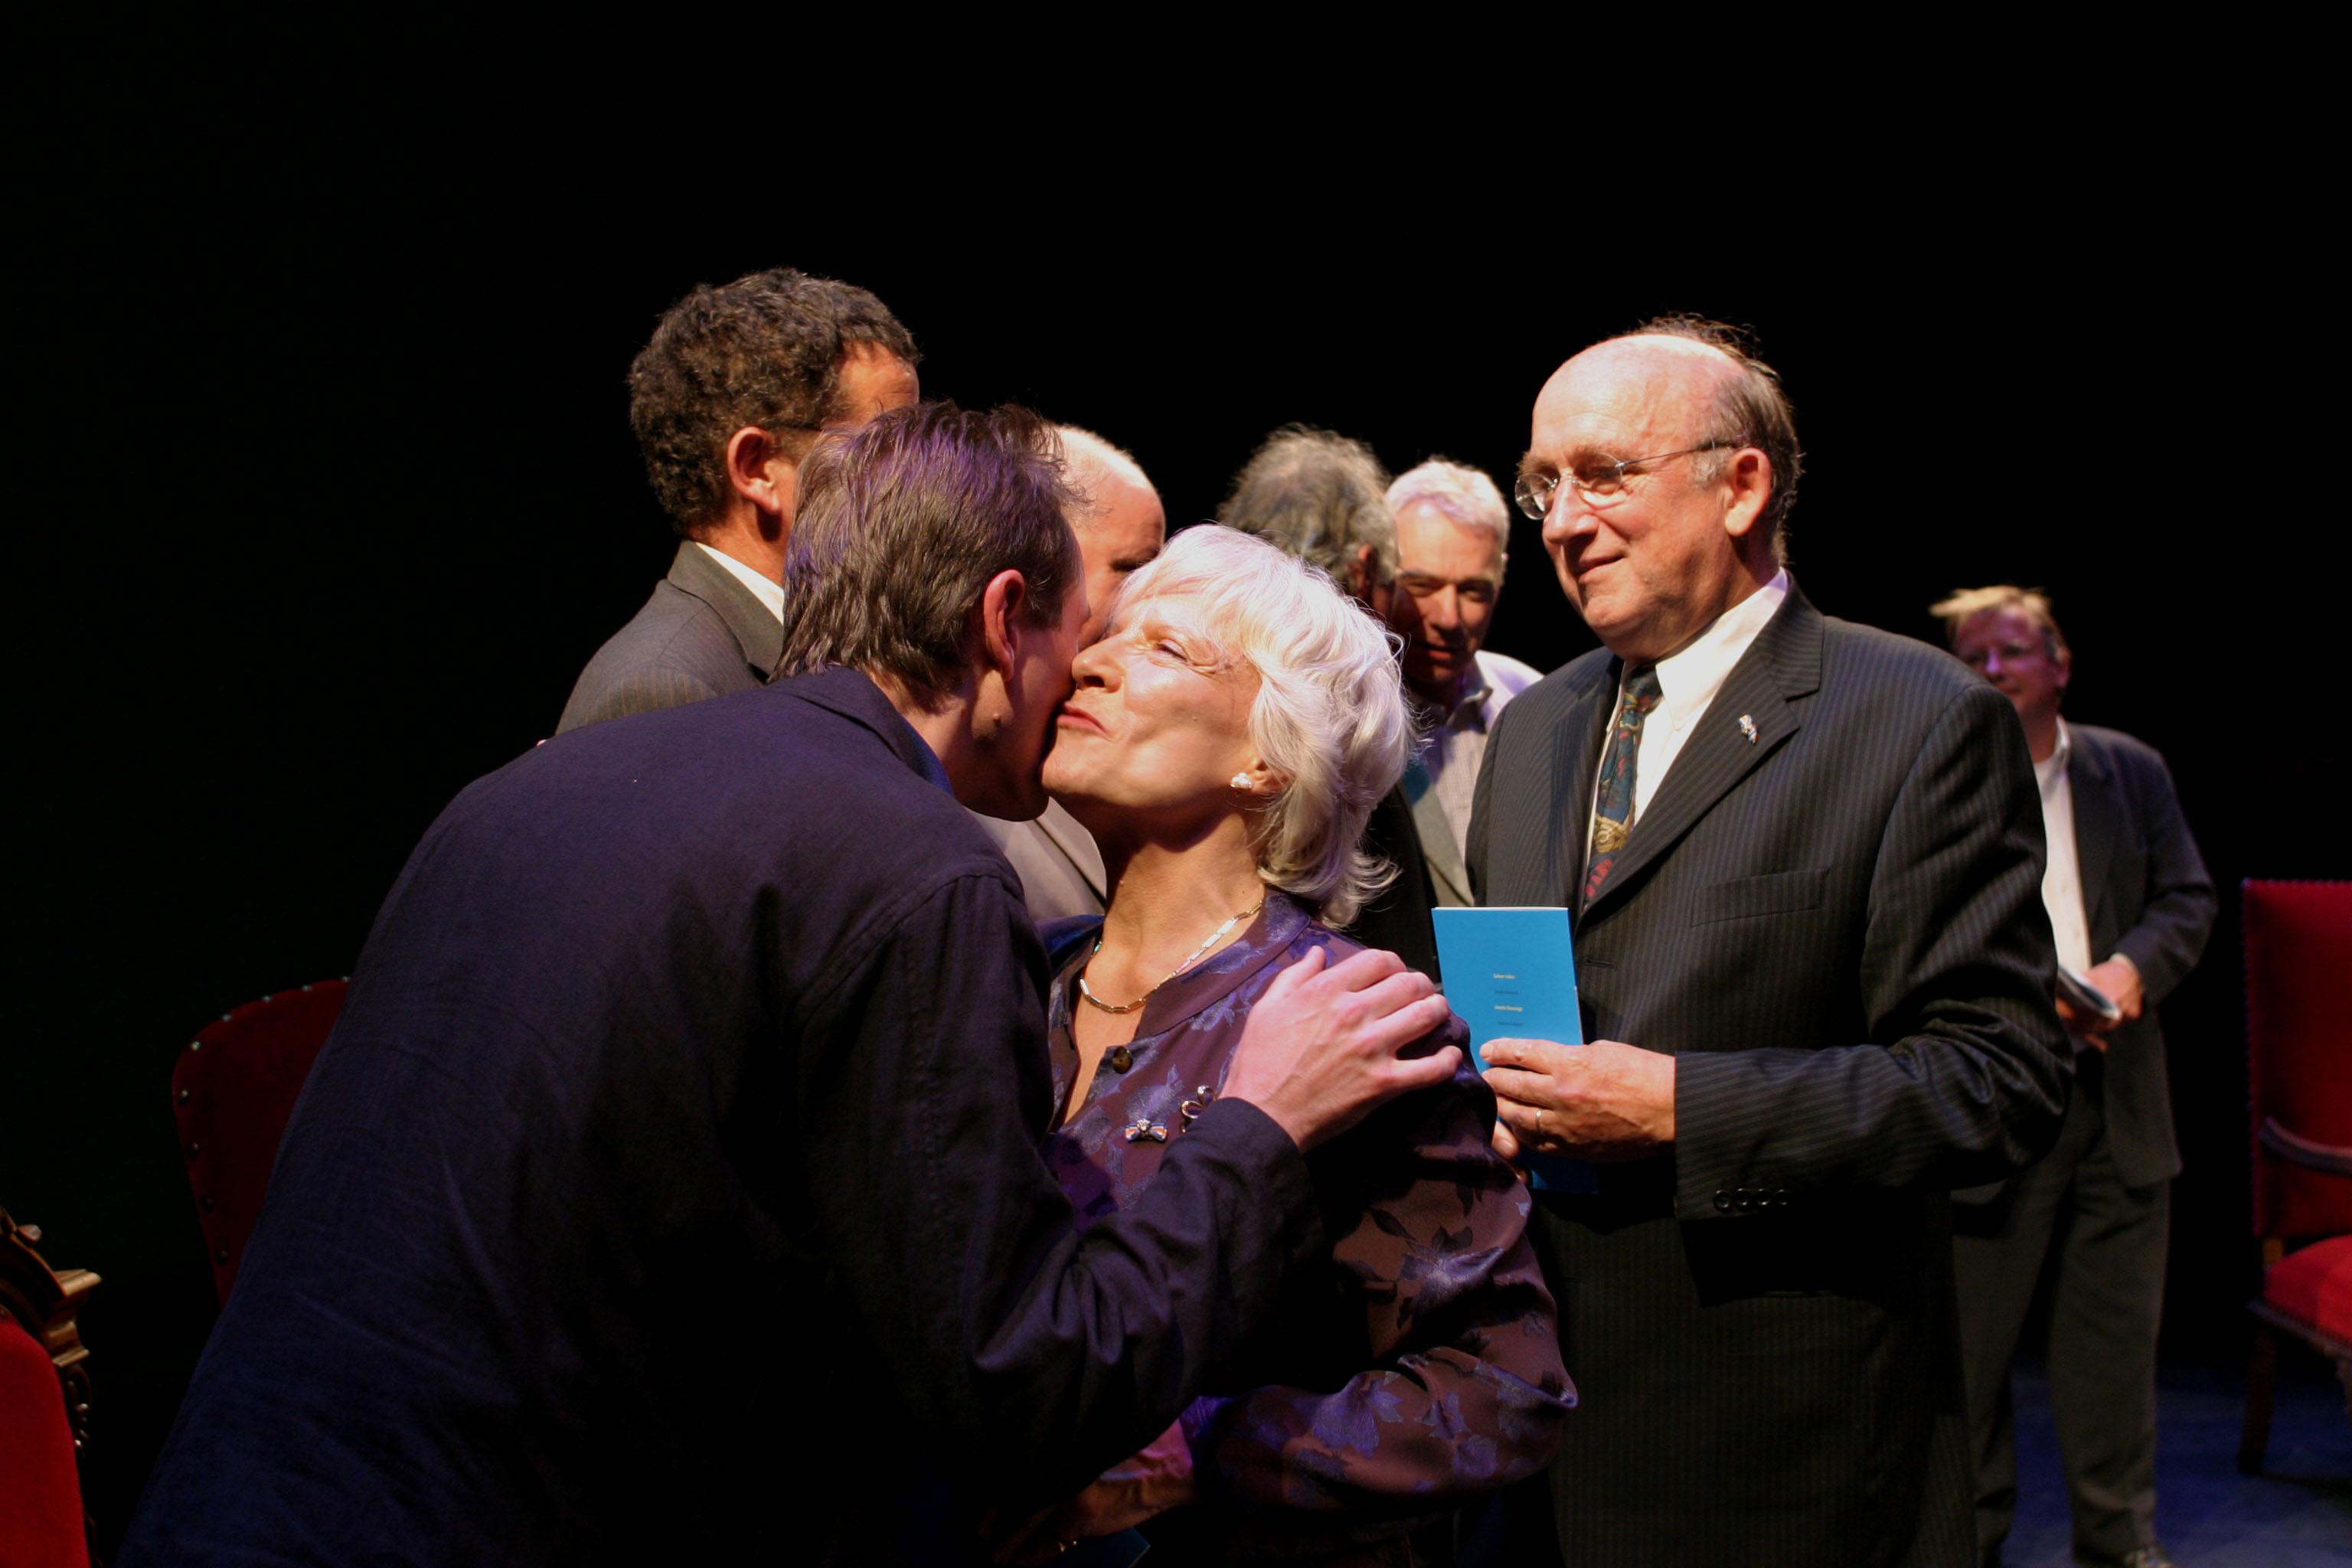 Annet Nieuwenhuyzen celebrating 50 years on stage in 2003. Photo: Bert Verhoeff/HH